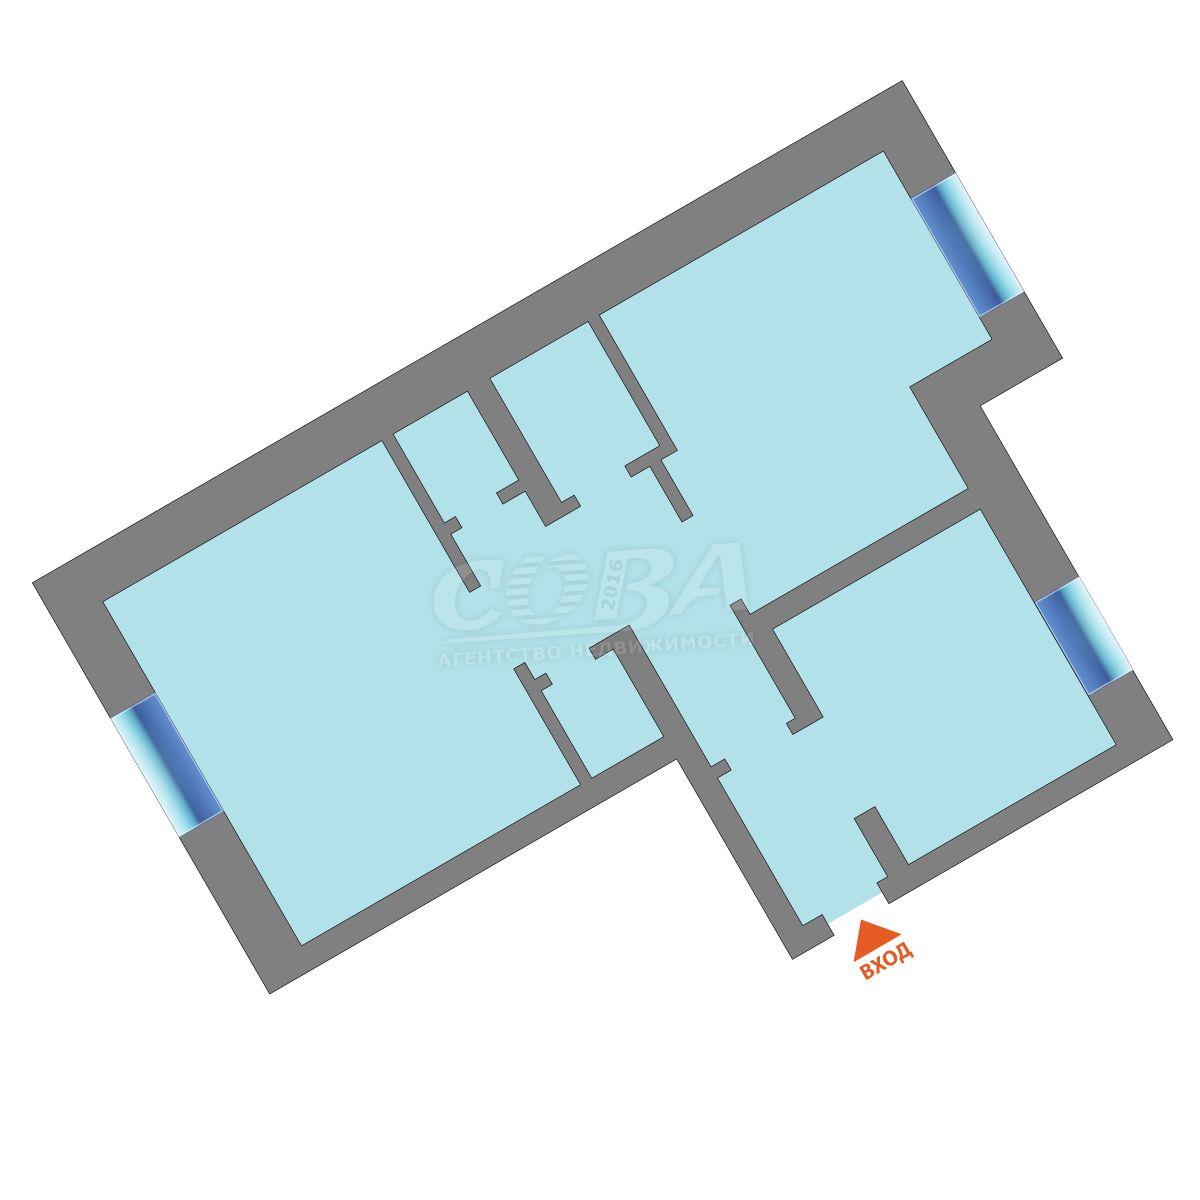 2 комнатная квартира  в районе Драмтеатра, ул. Республики, 94, г. Тюмень